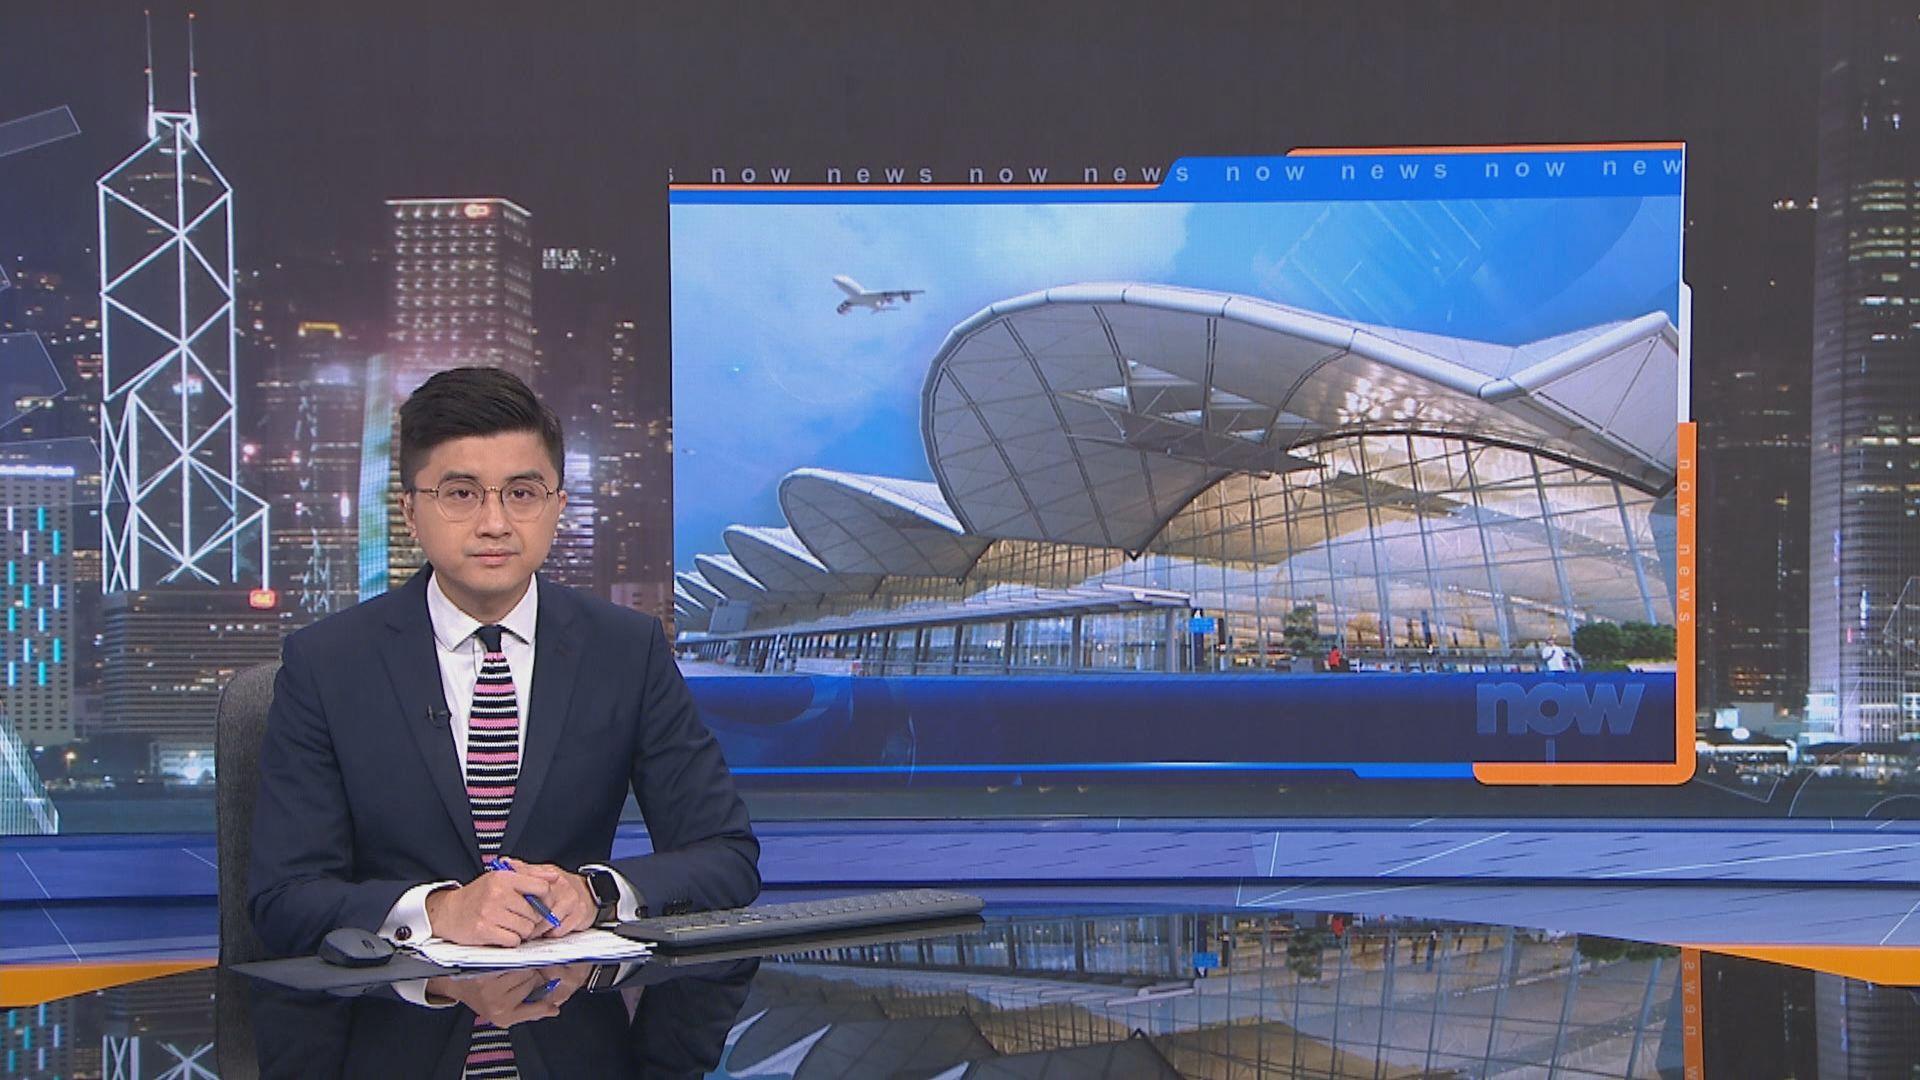 國泰旅客經香港轉機時滯留香港機場三個月